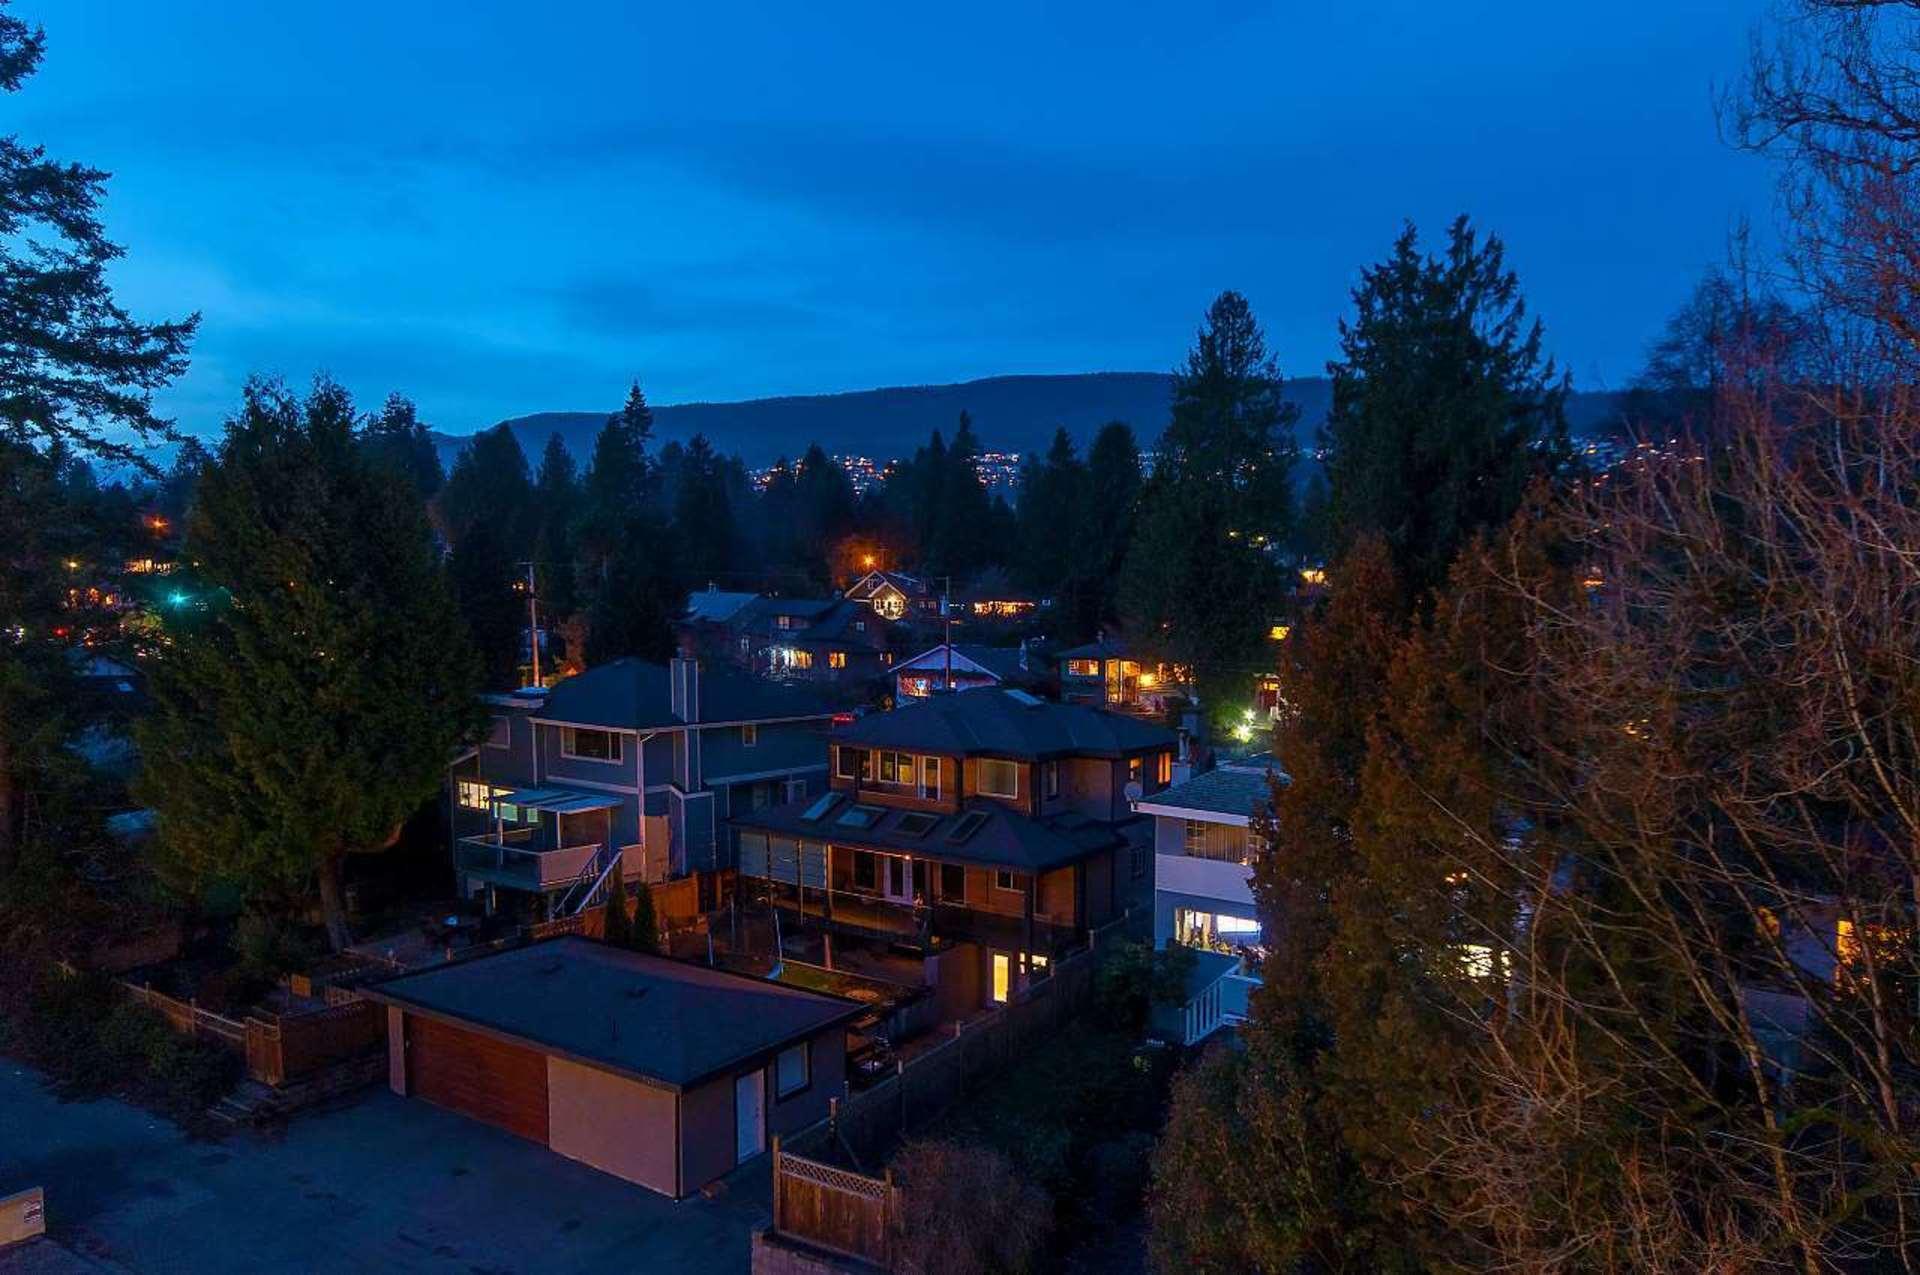 1425-esquimalt-avenue-ambleside-west-vancouver-12 at 505 - 1425 Esquimalt Avenue, Ambleside, West Vancouver